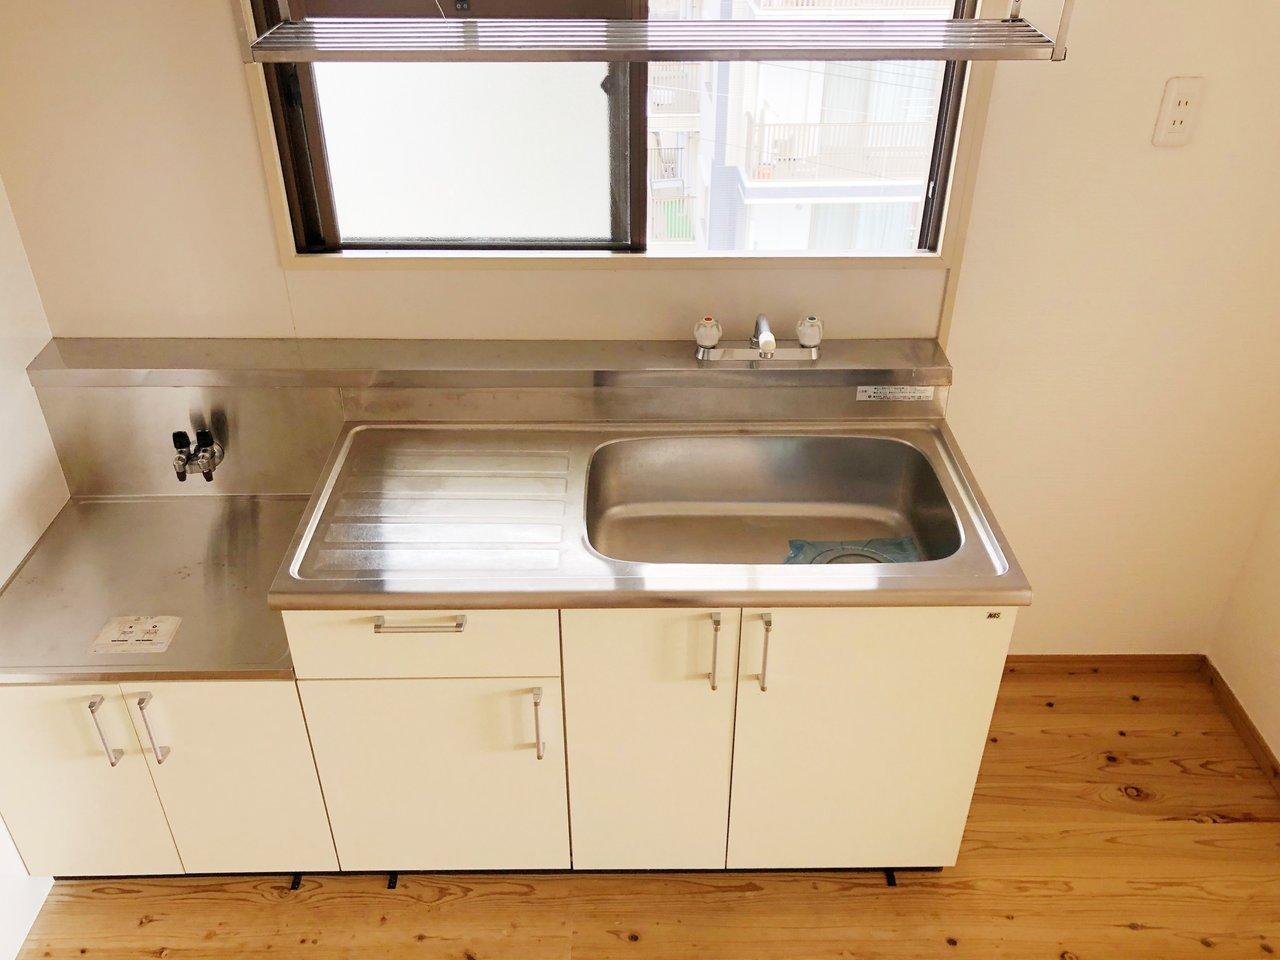 キッチンはこちら。真っ白でシンプル。窓があるのもいいですね。